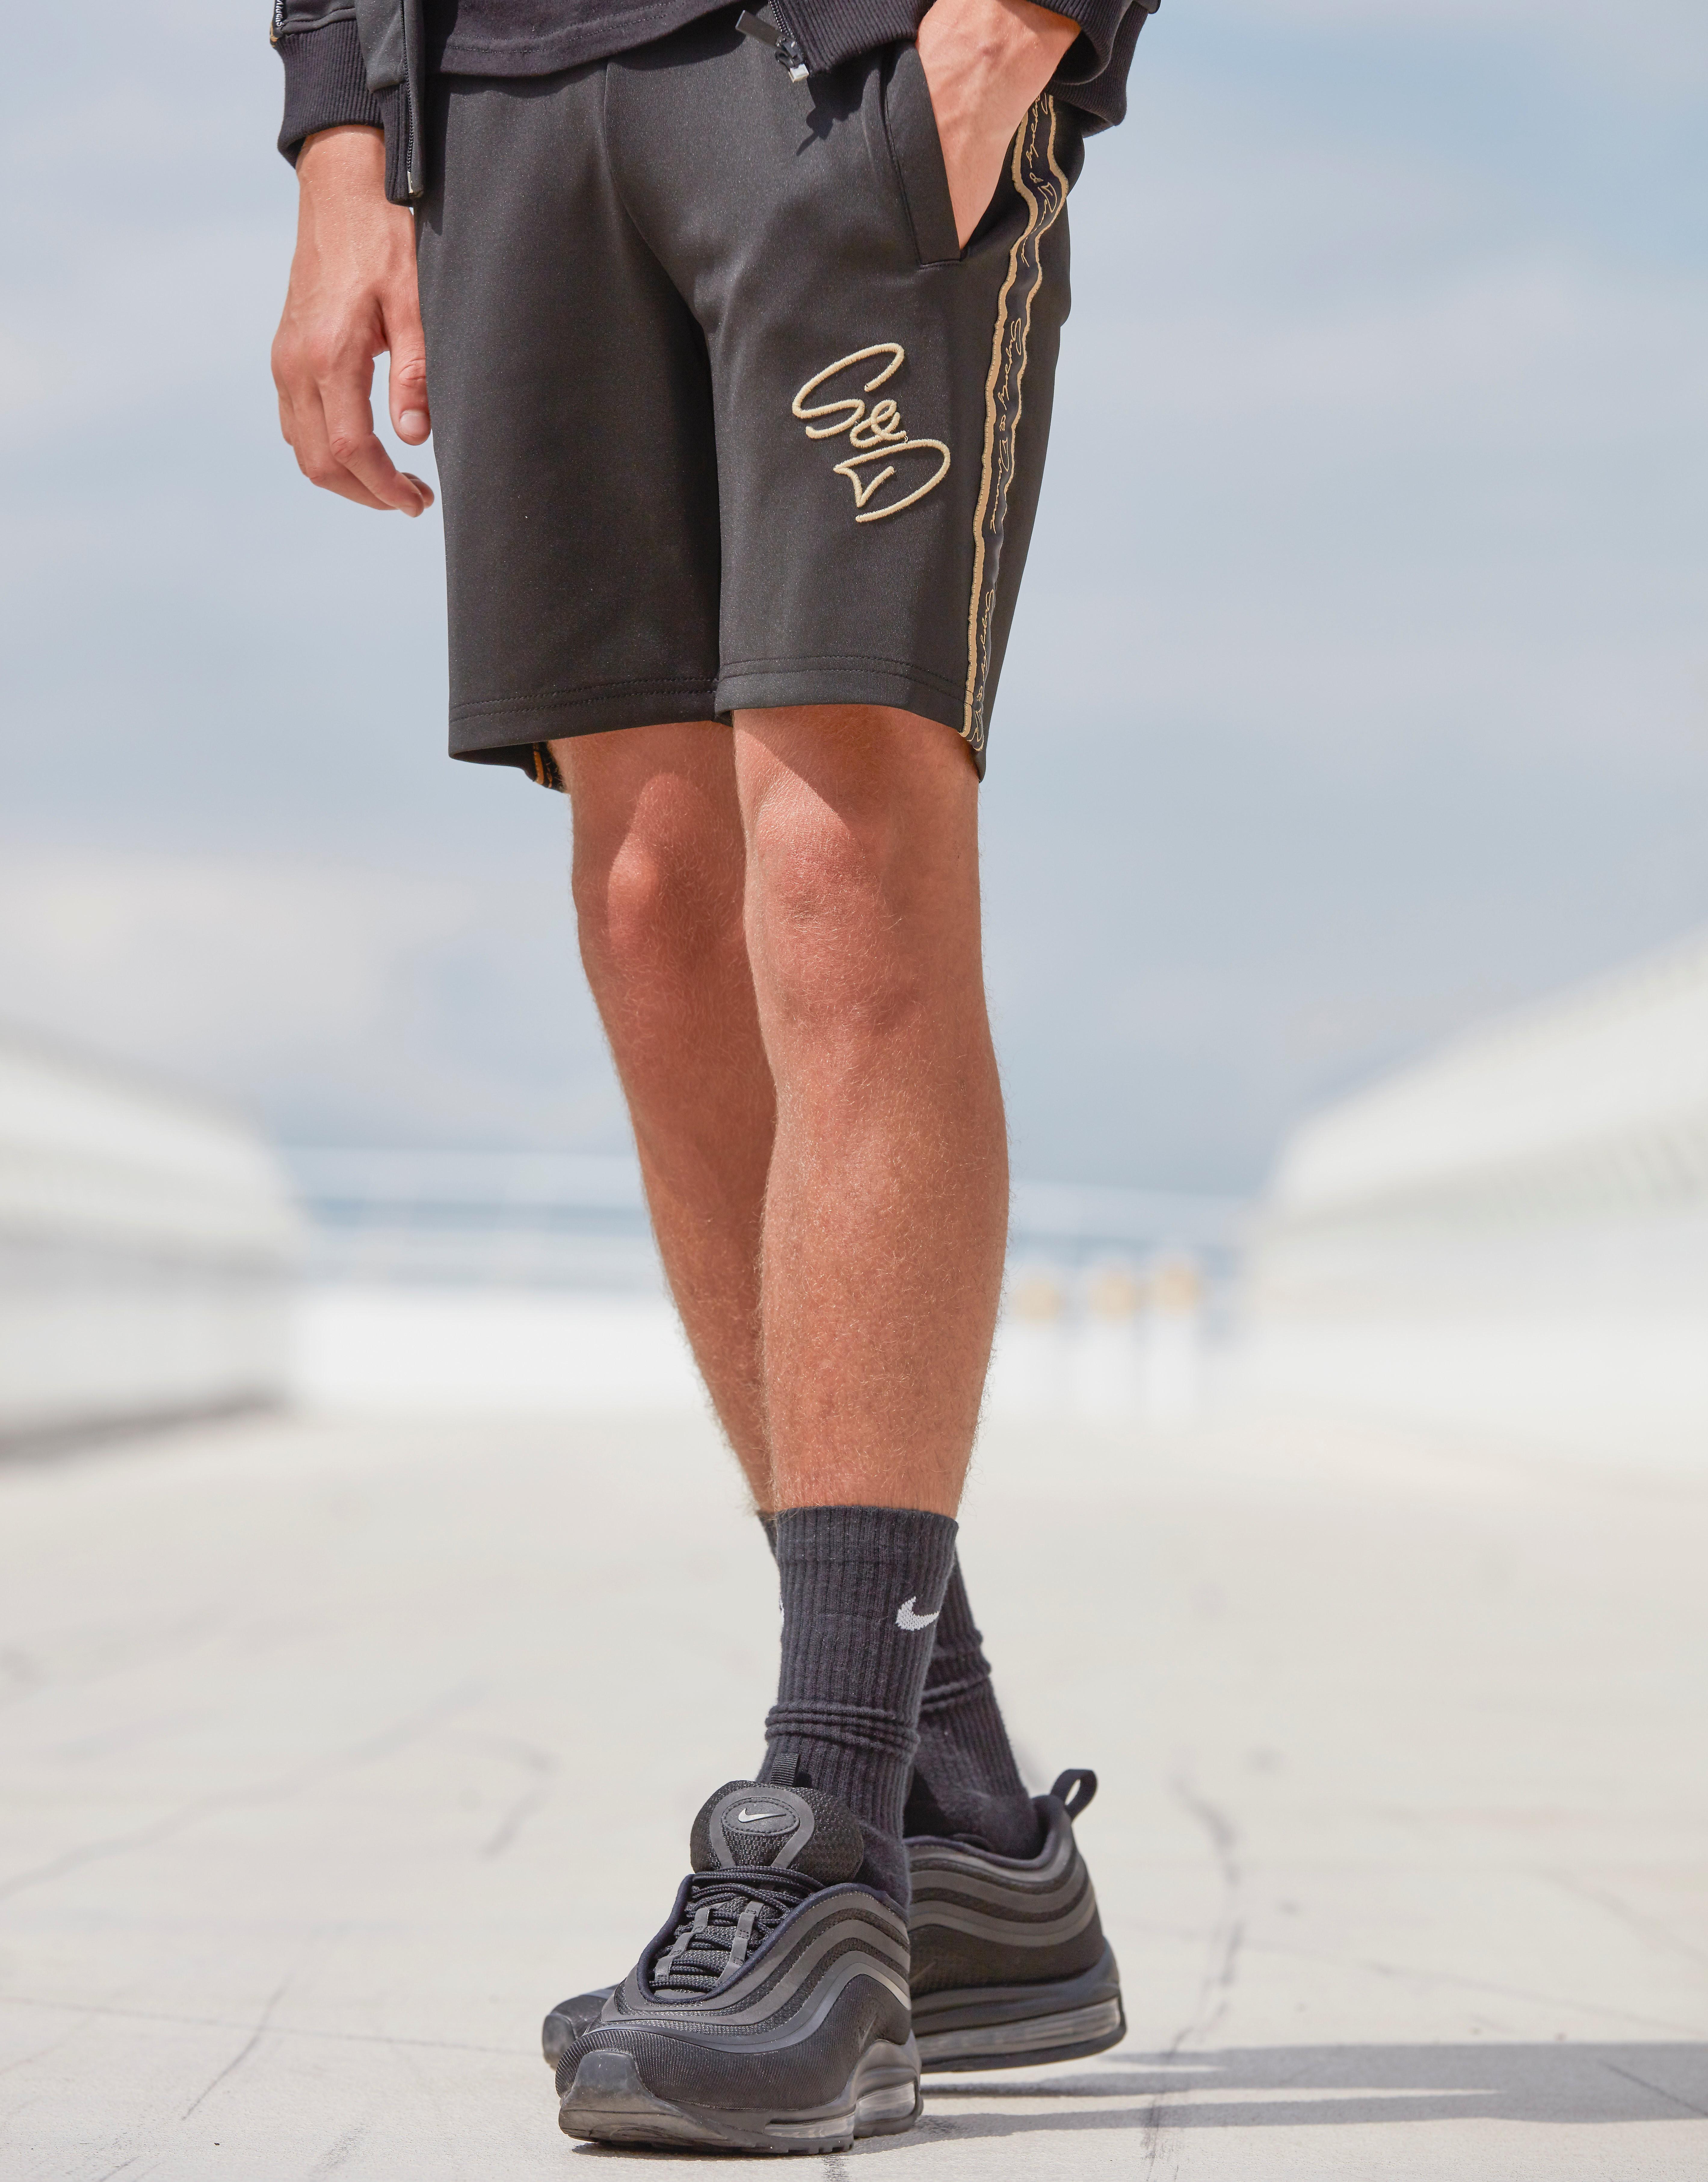 Supply & Demand Embroidered Shorts Junior - Zwart - Kind